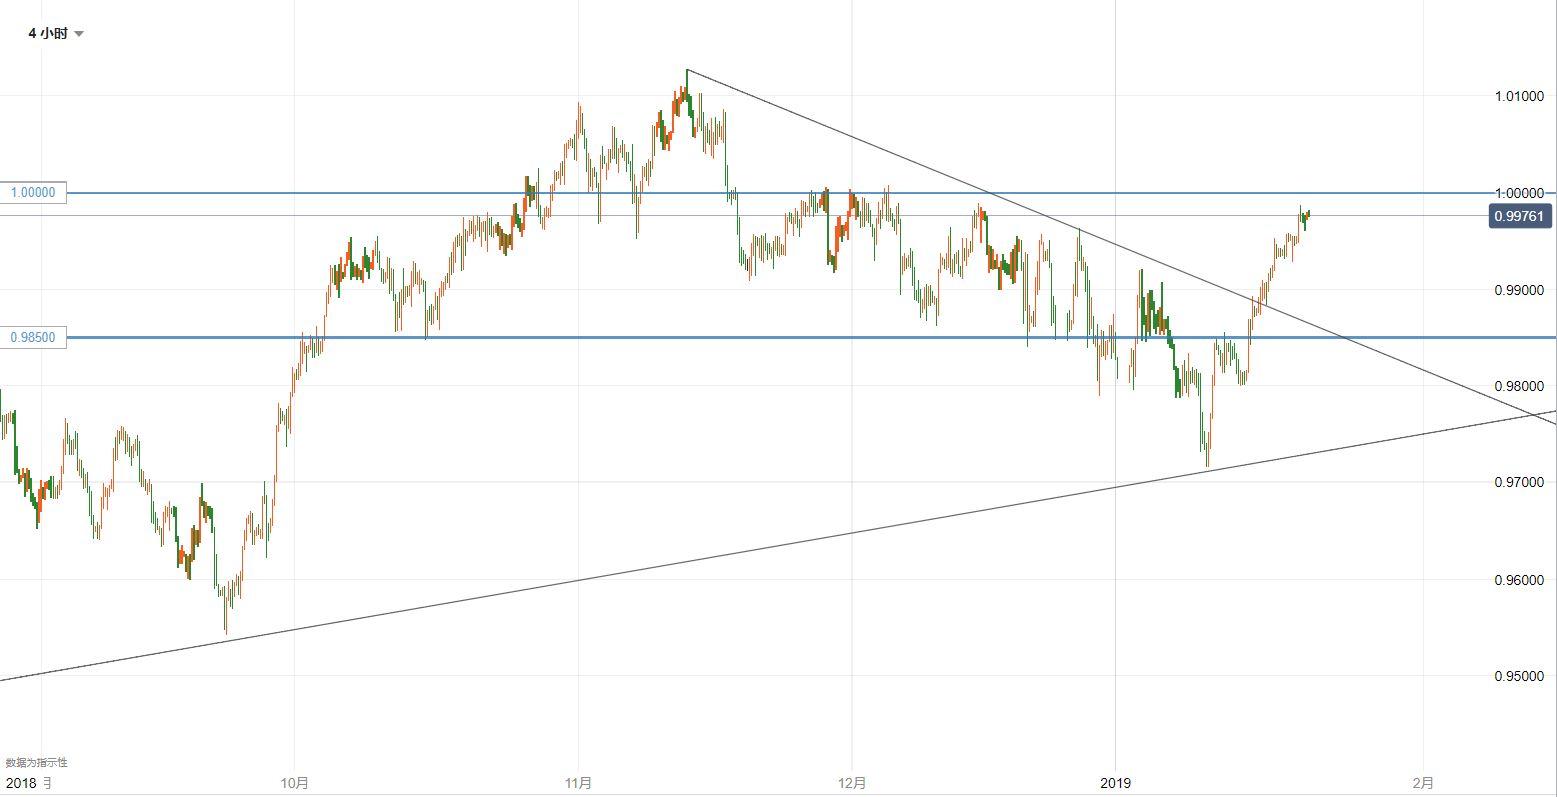 美元/瑞郎技術分析:仍關注平價關口阻力情況